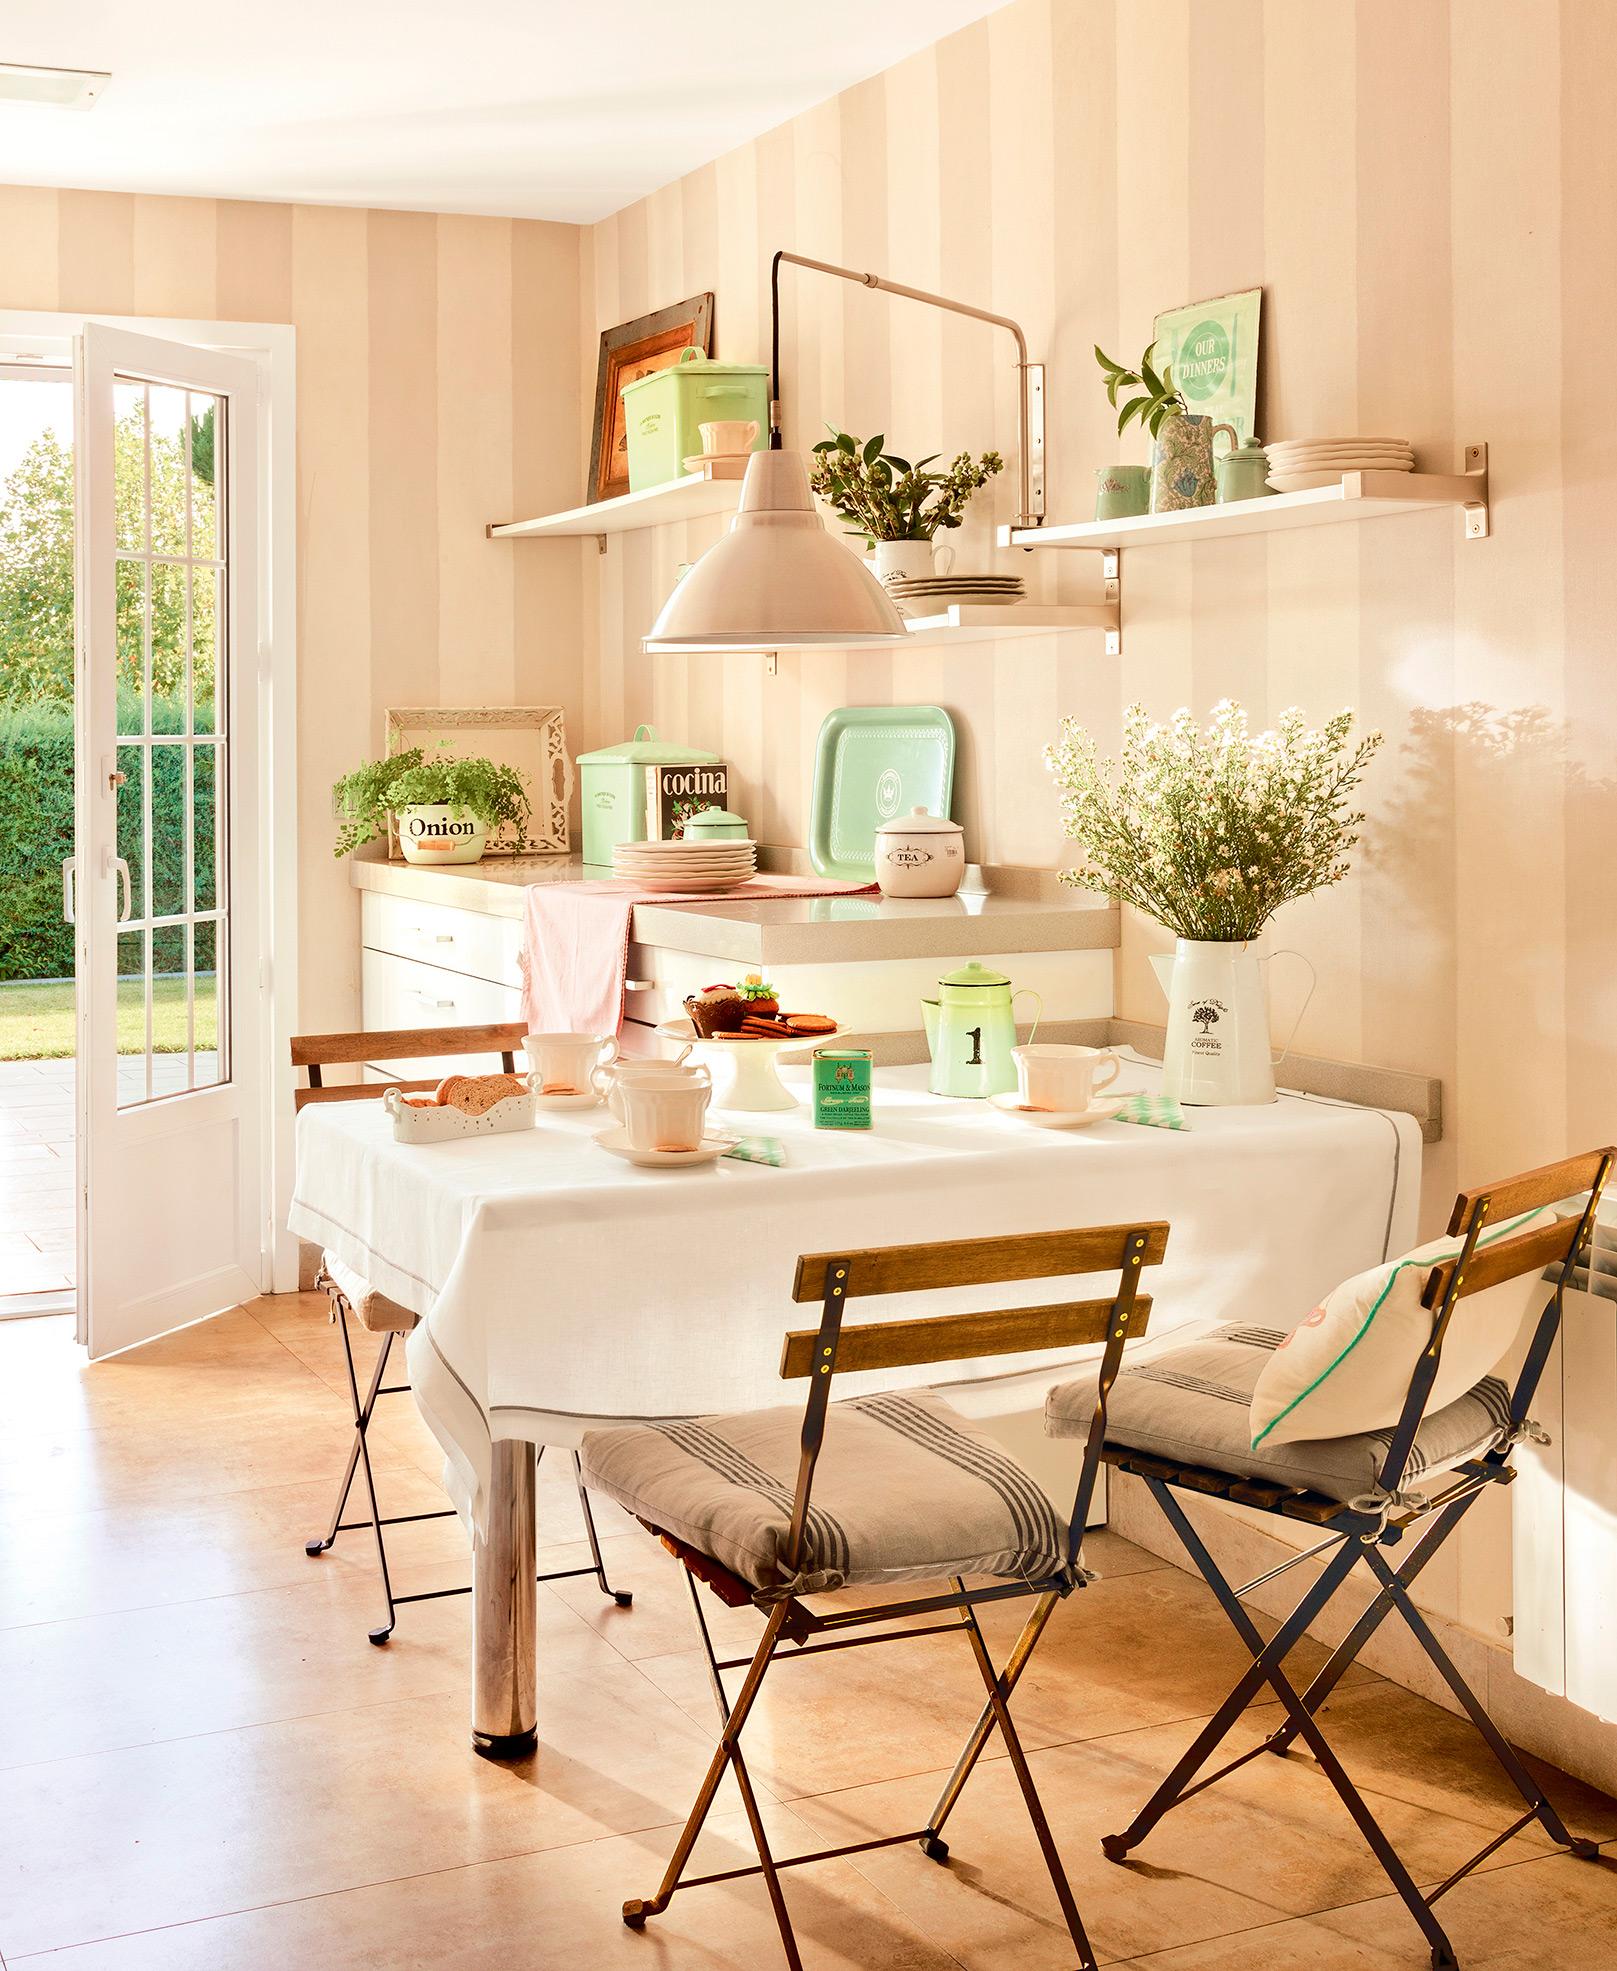 Comedor con mesa fijada a la pared, sillas plegables, accesorios vintage y estanterías